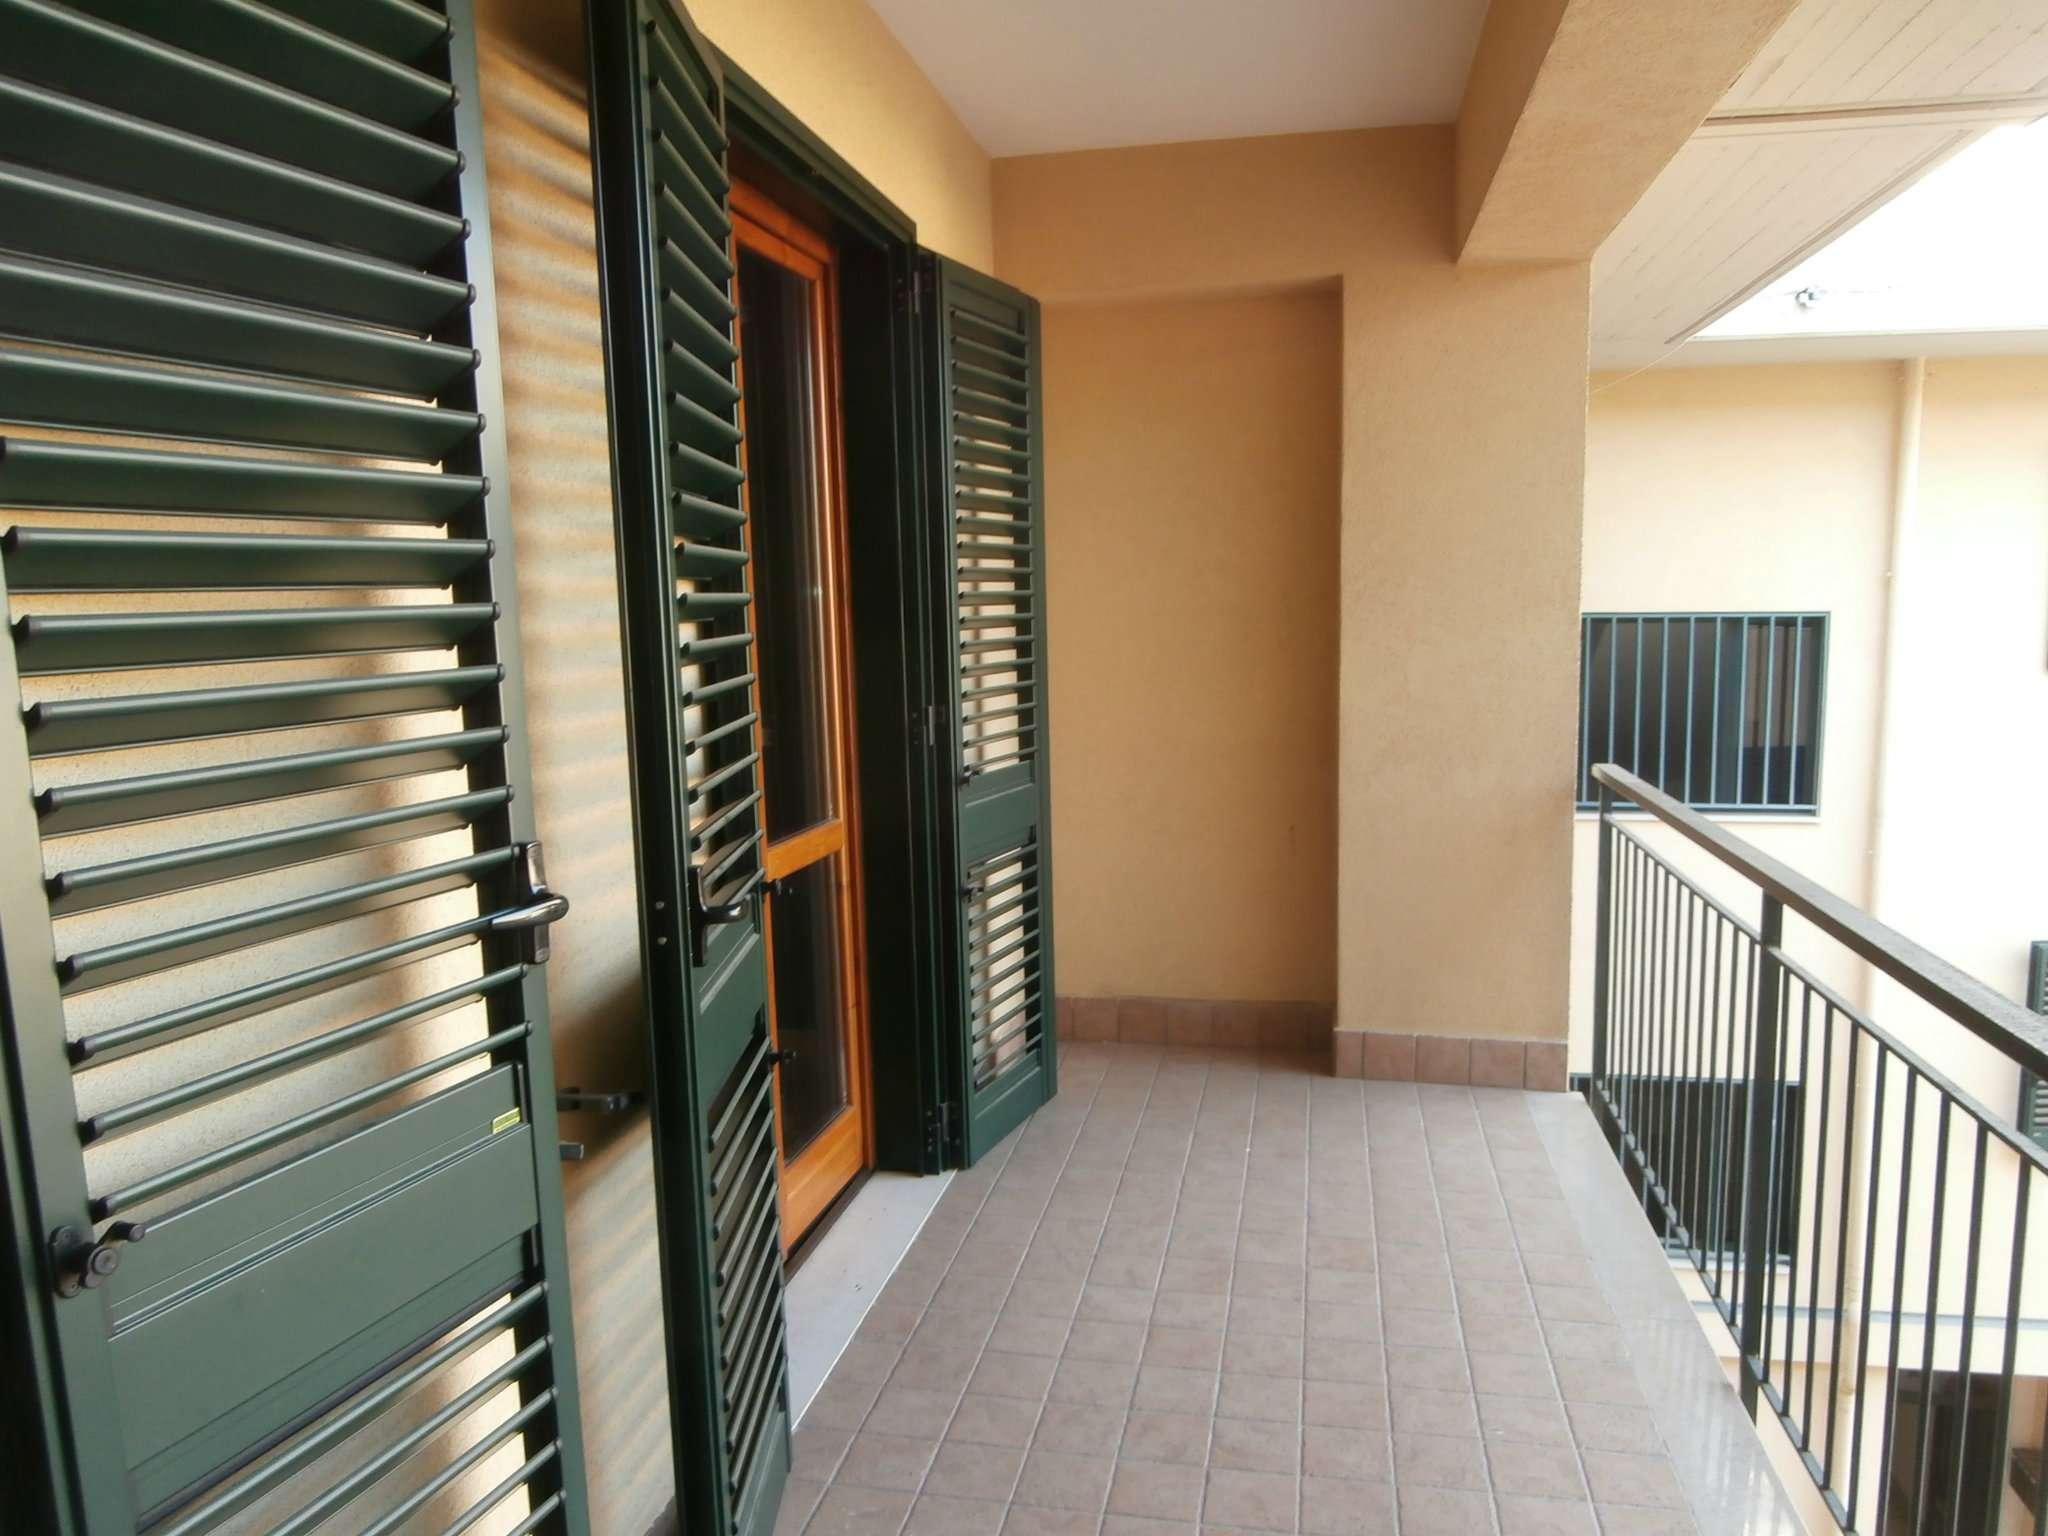 Appartamento in vendita a Montecorvino Pugliano, 3 locali, prezzo € 130.000   CambioCasa.it